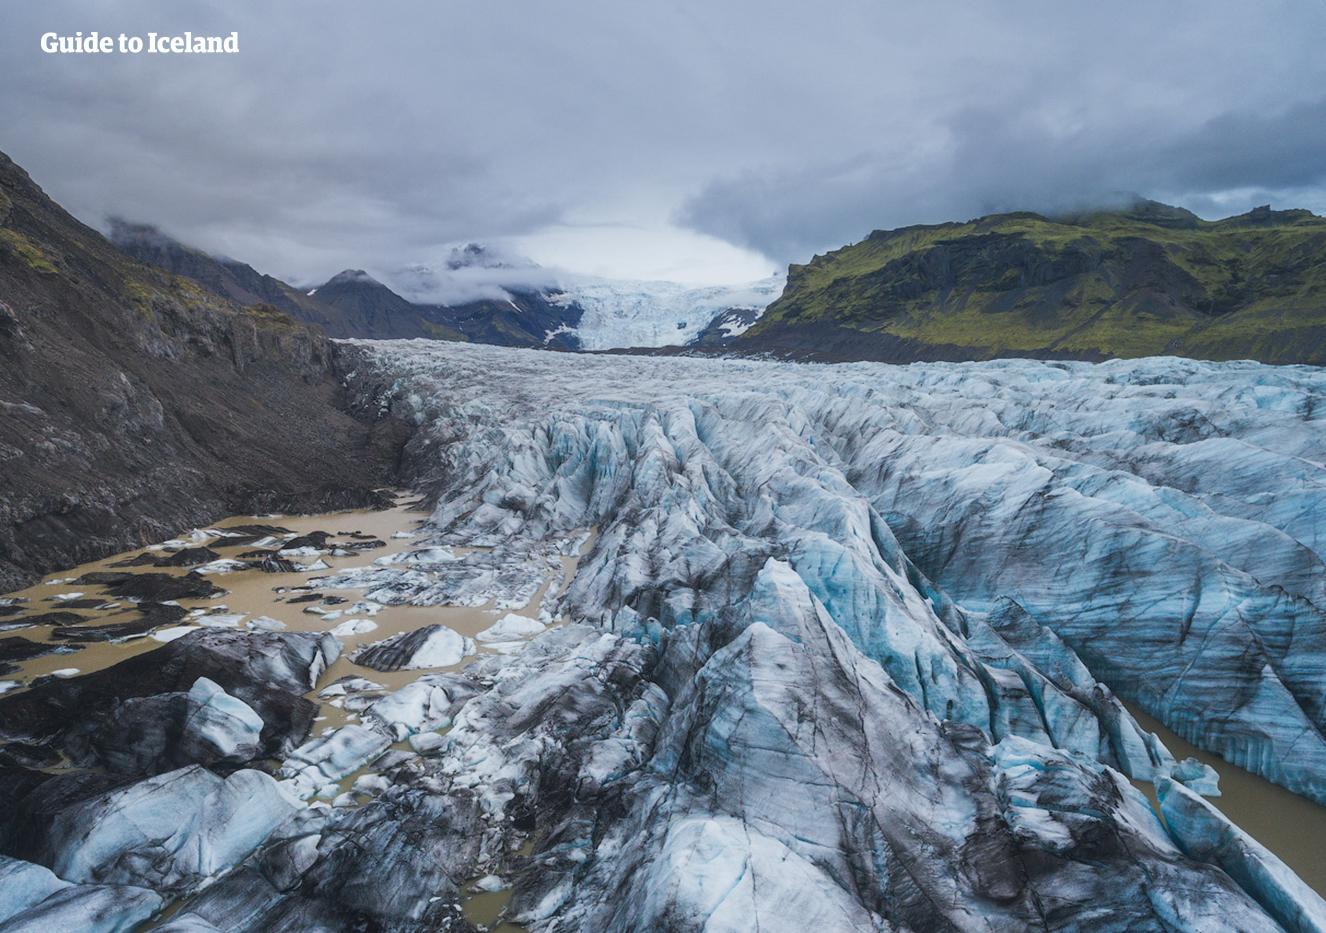 La Reserva Natural de Skaftafell en el sur de Islandia es mejor conocida por sus lenguas glaciares, como Svínafellsjökull (en la foto), y cascadas como Svartifoss.